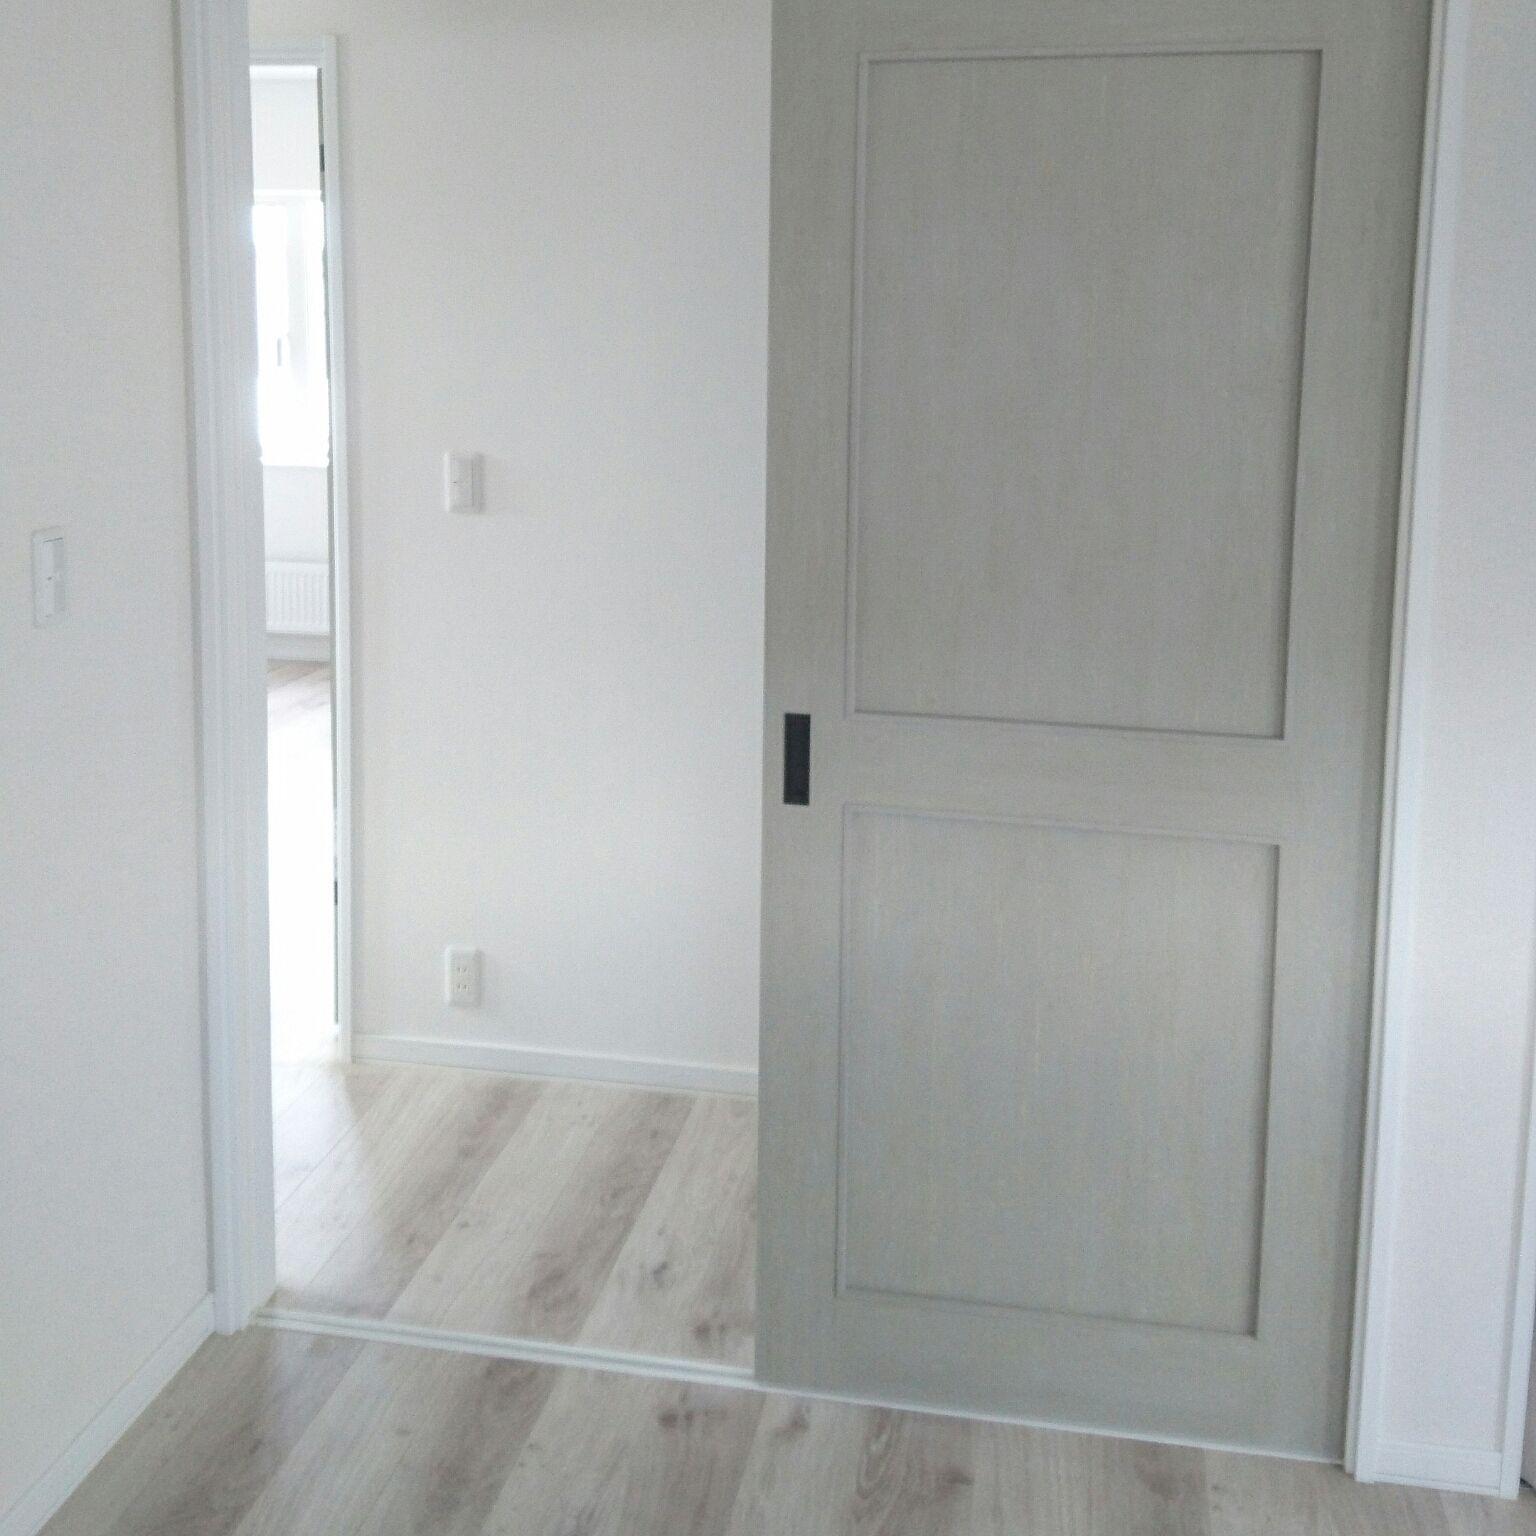 部屋全体 フローリング Lixil Lixilファミリーラインパレット ホワイト